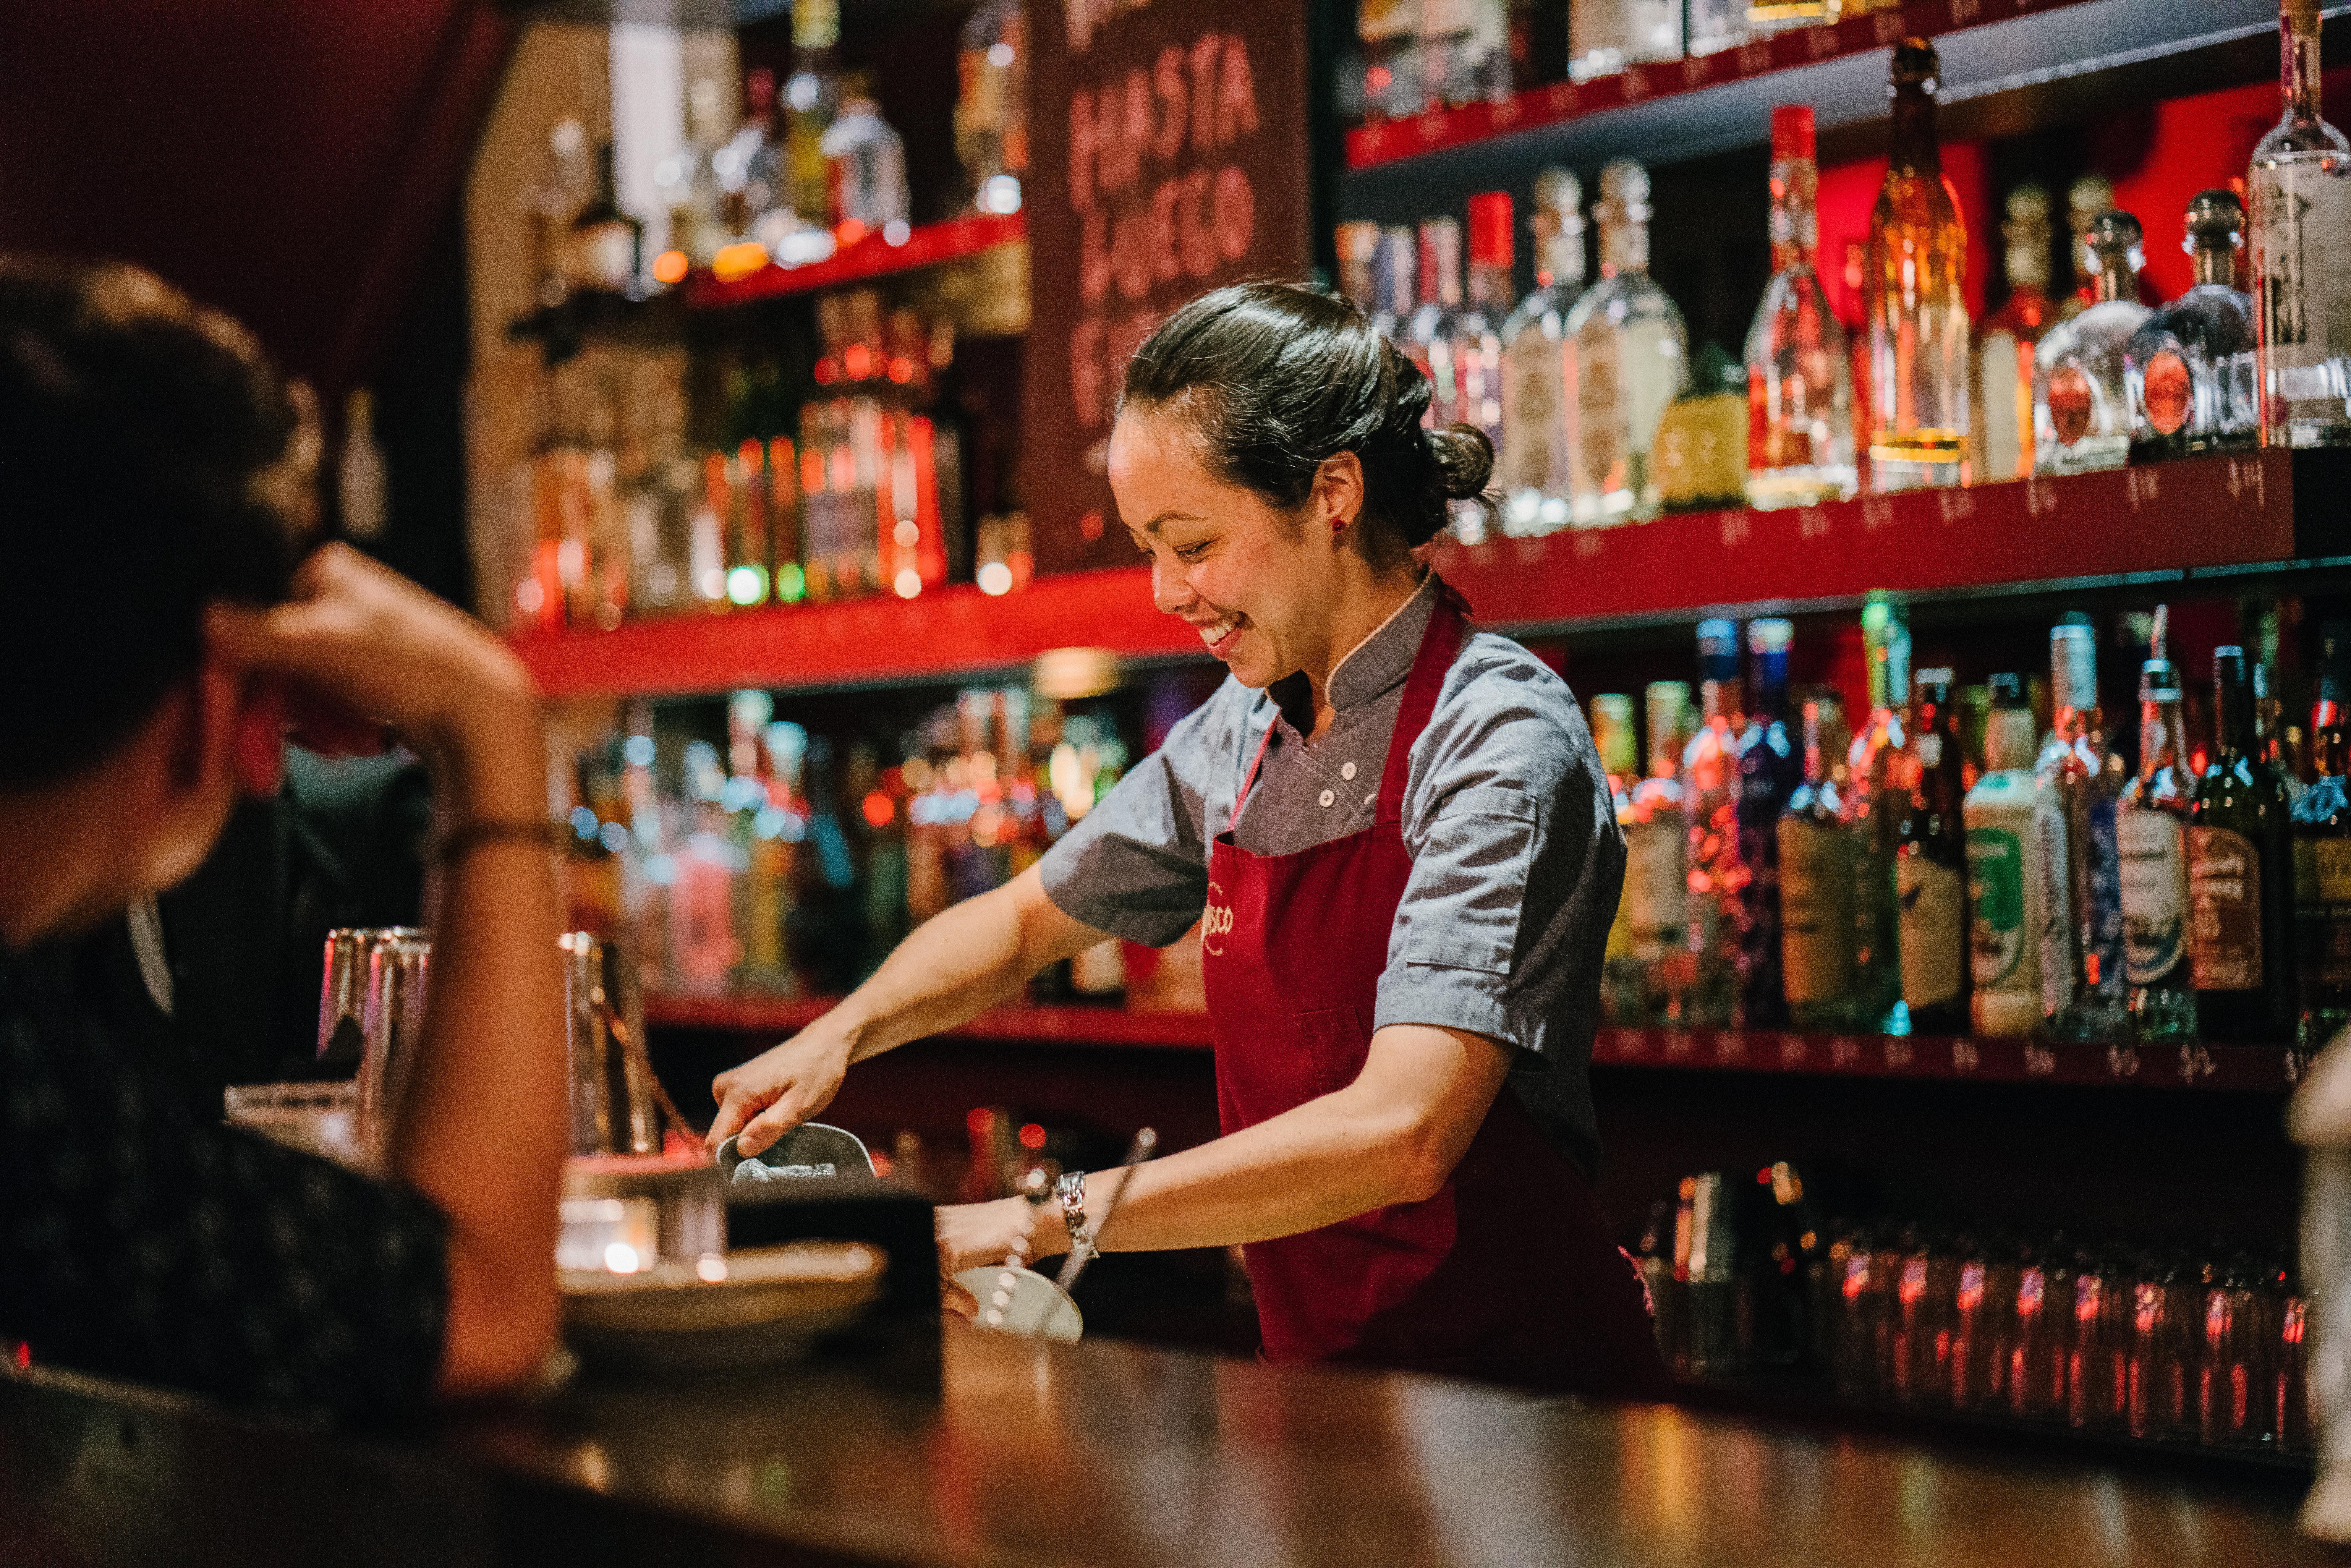 bartending tips